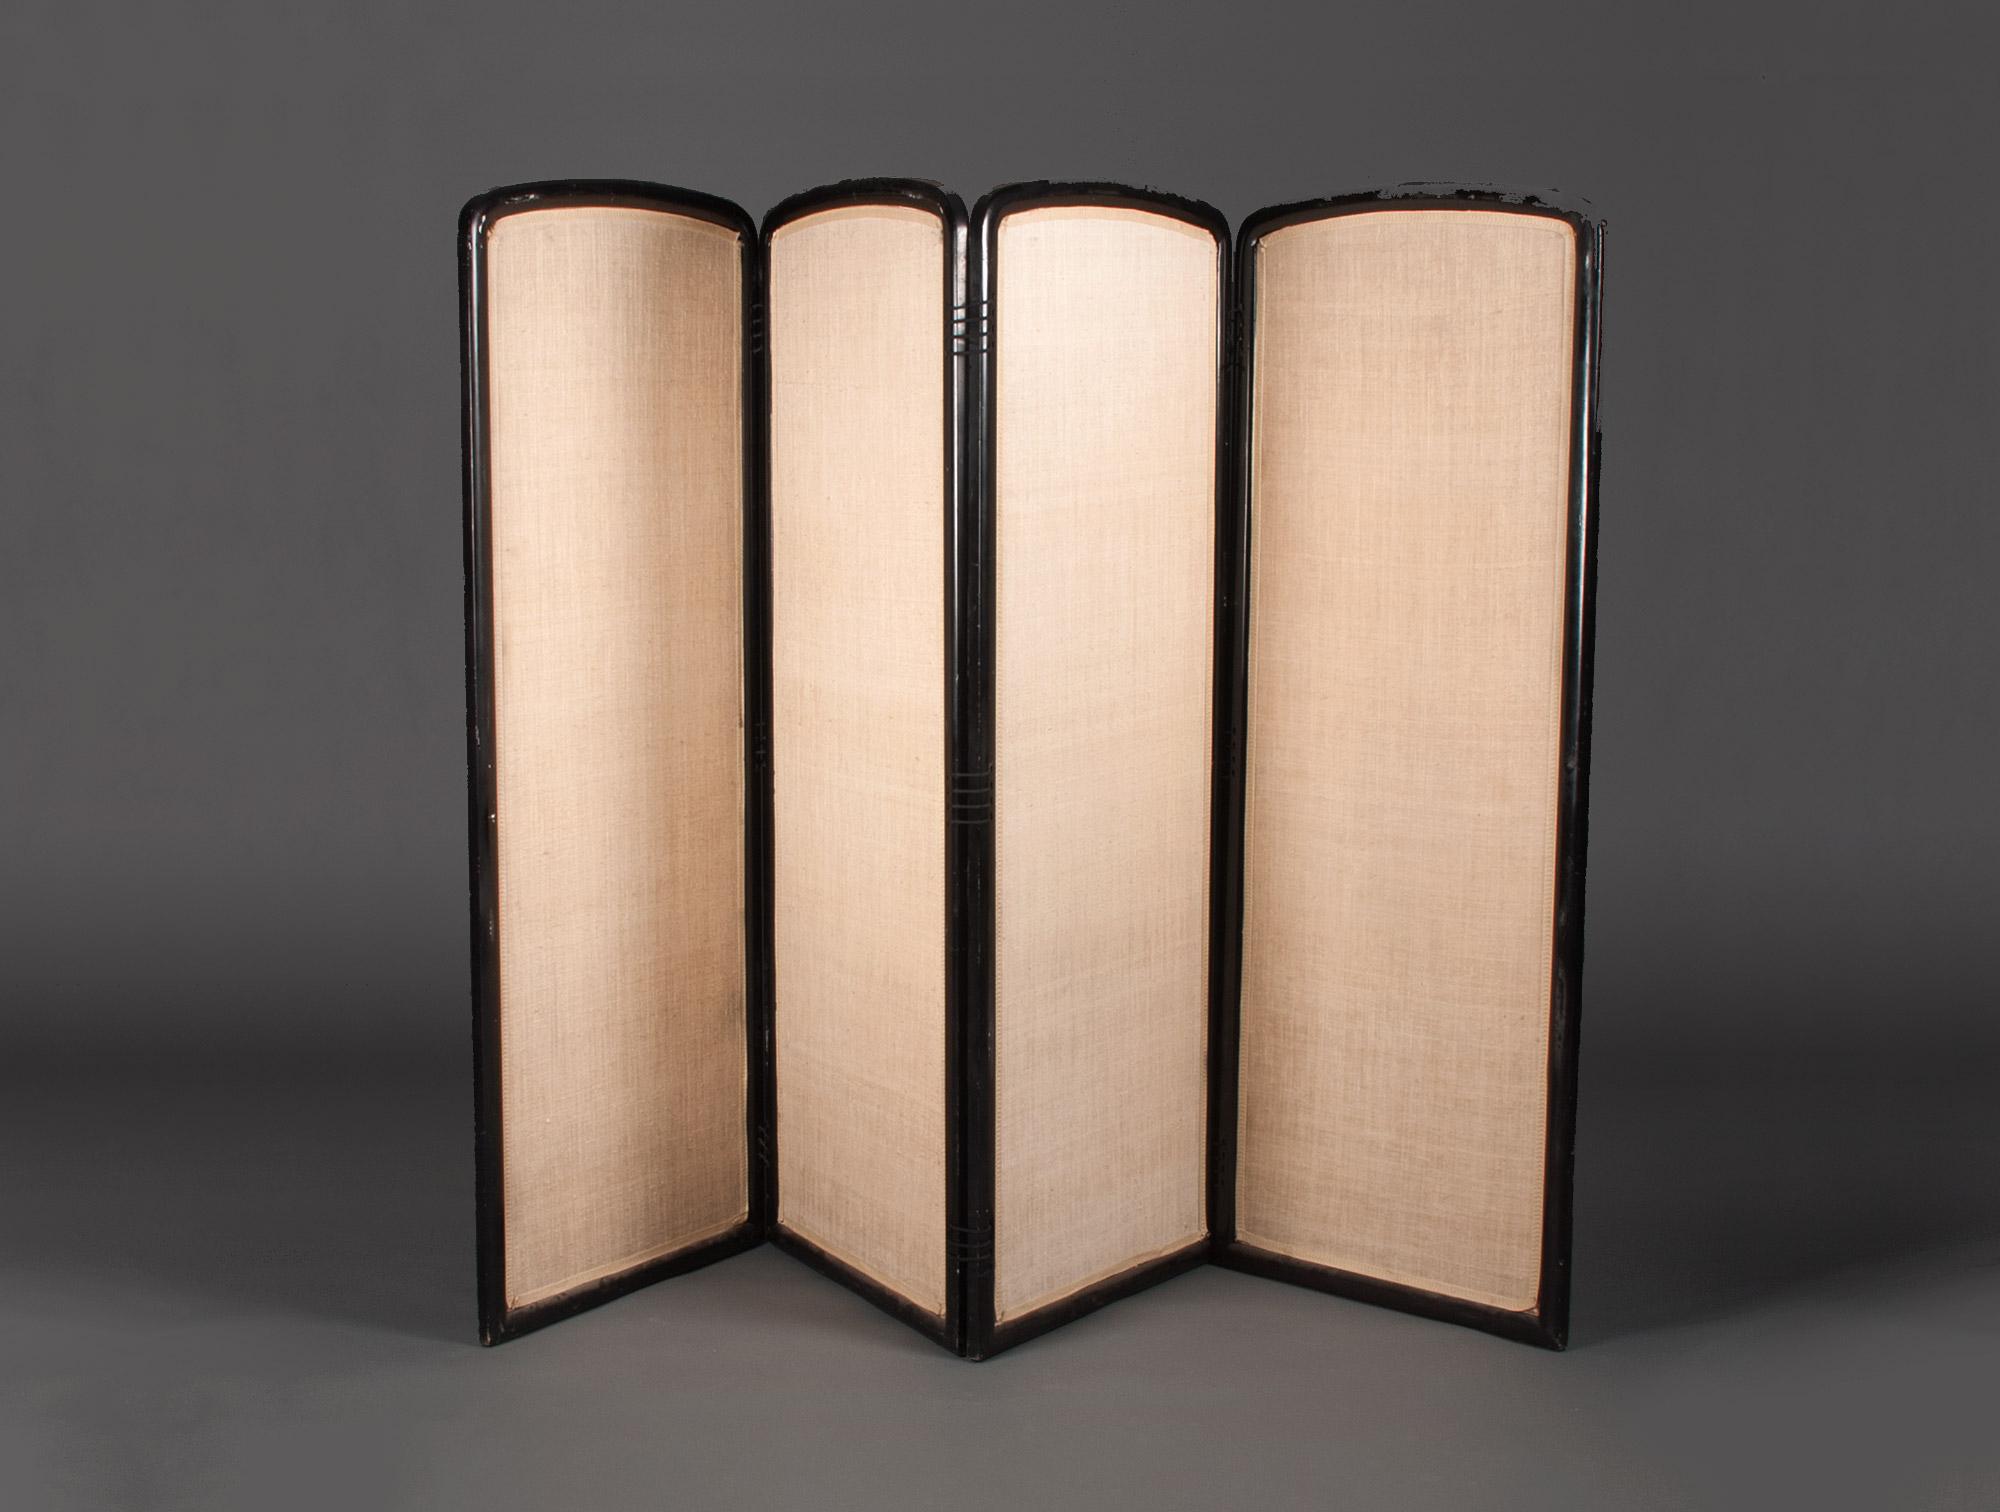 paravent en soie beige soubrier louer mobiliers paravent contemporain. Black Bedroom Furniture Sets. Home Design Ideas